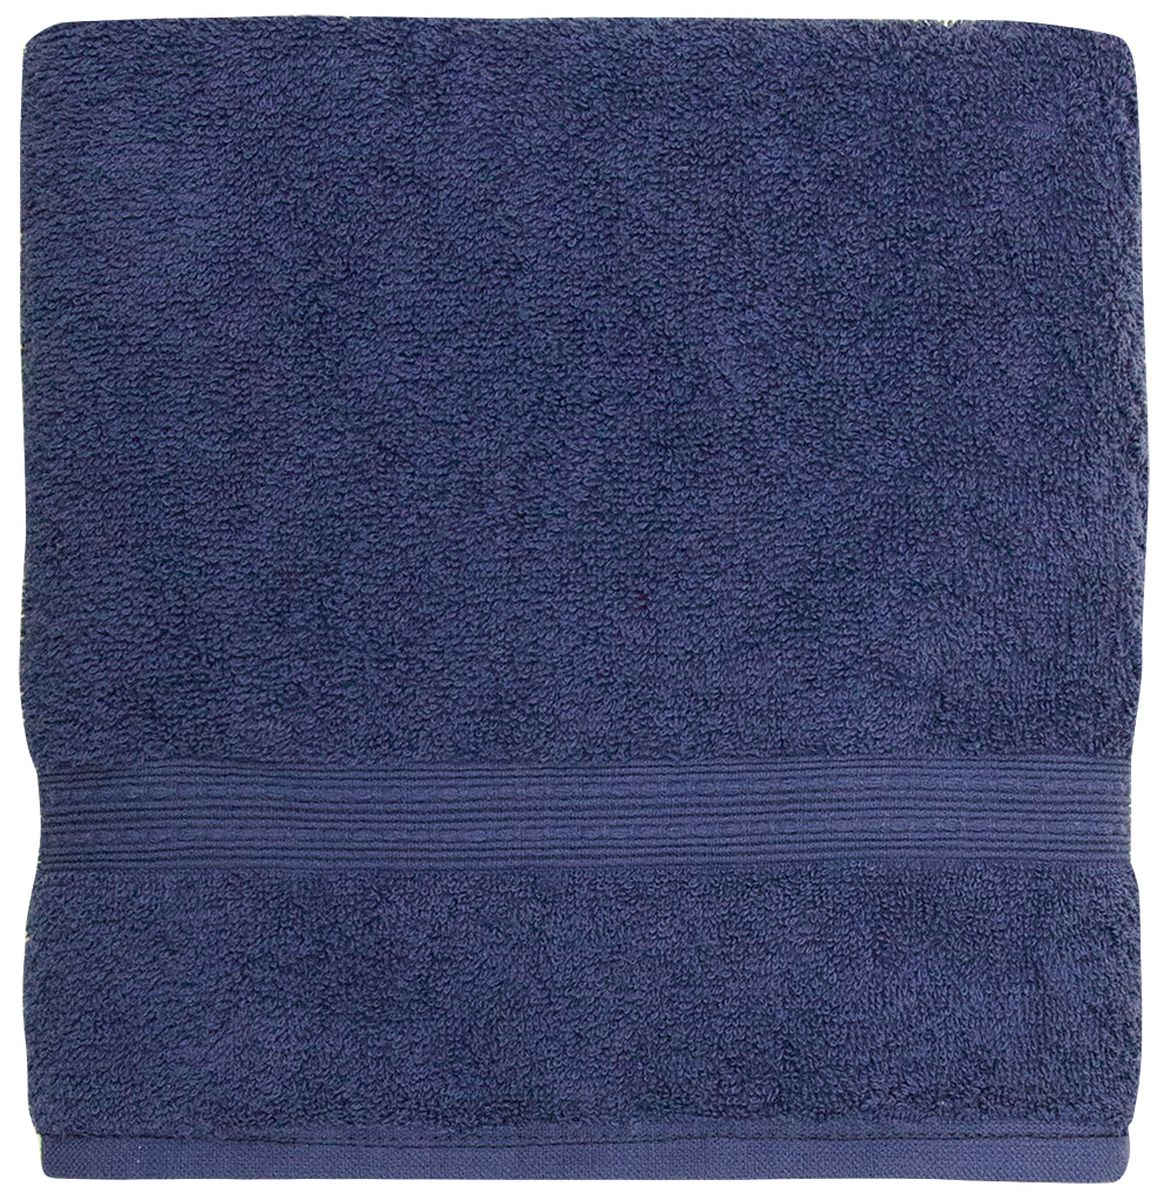 Полотенце банное Bonita Classic, цвет: сапфир, 50 x 90 см1011217220Банное полотенце Bonita Classic выполнено из 100% хлопка. Изделие отлично впитывает влагу, быстро сохнет, сохраняет яркость цвета и нетеряет форму даже после многократных стирок.Такое полотенце очень практично и неприхотливо в уходе. Оно создаст прекрасное настроение и украсит интерьер вванной комнате.